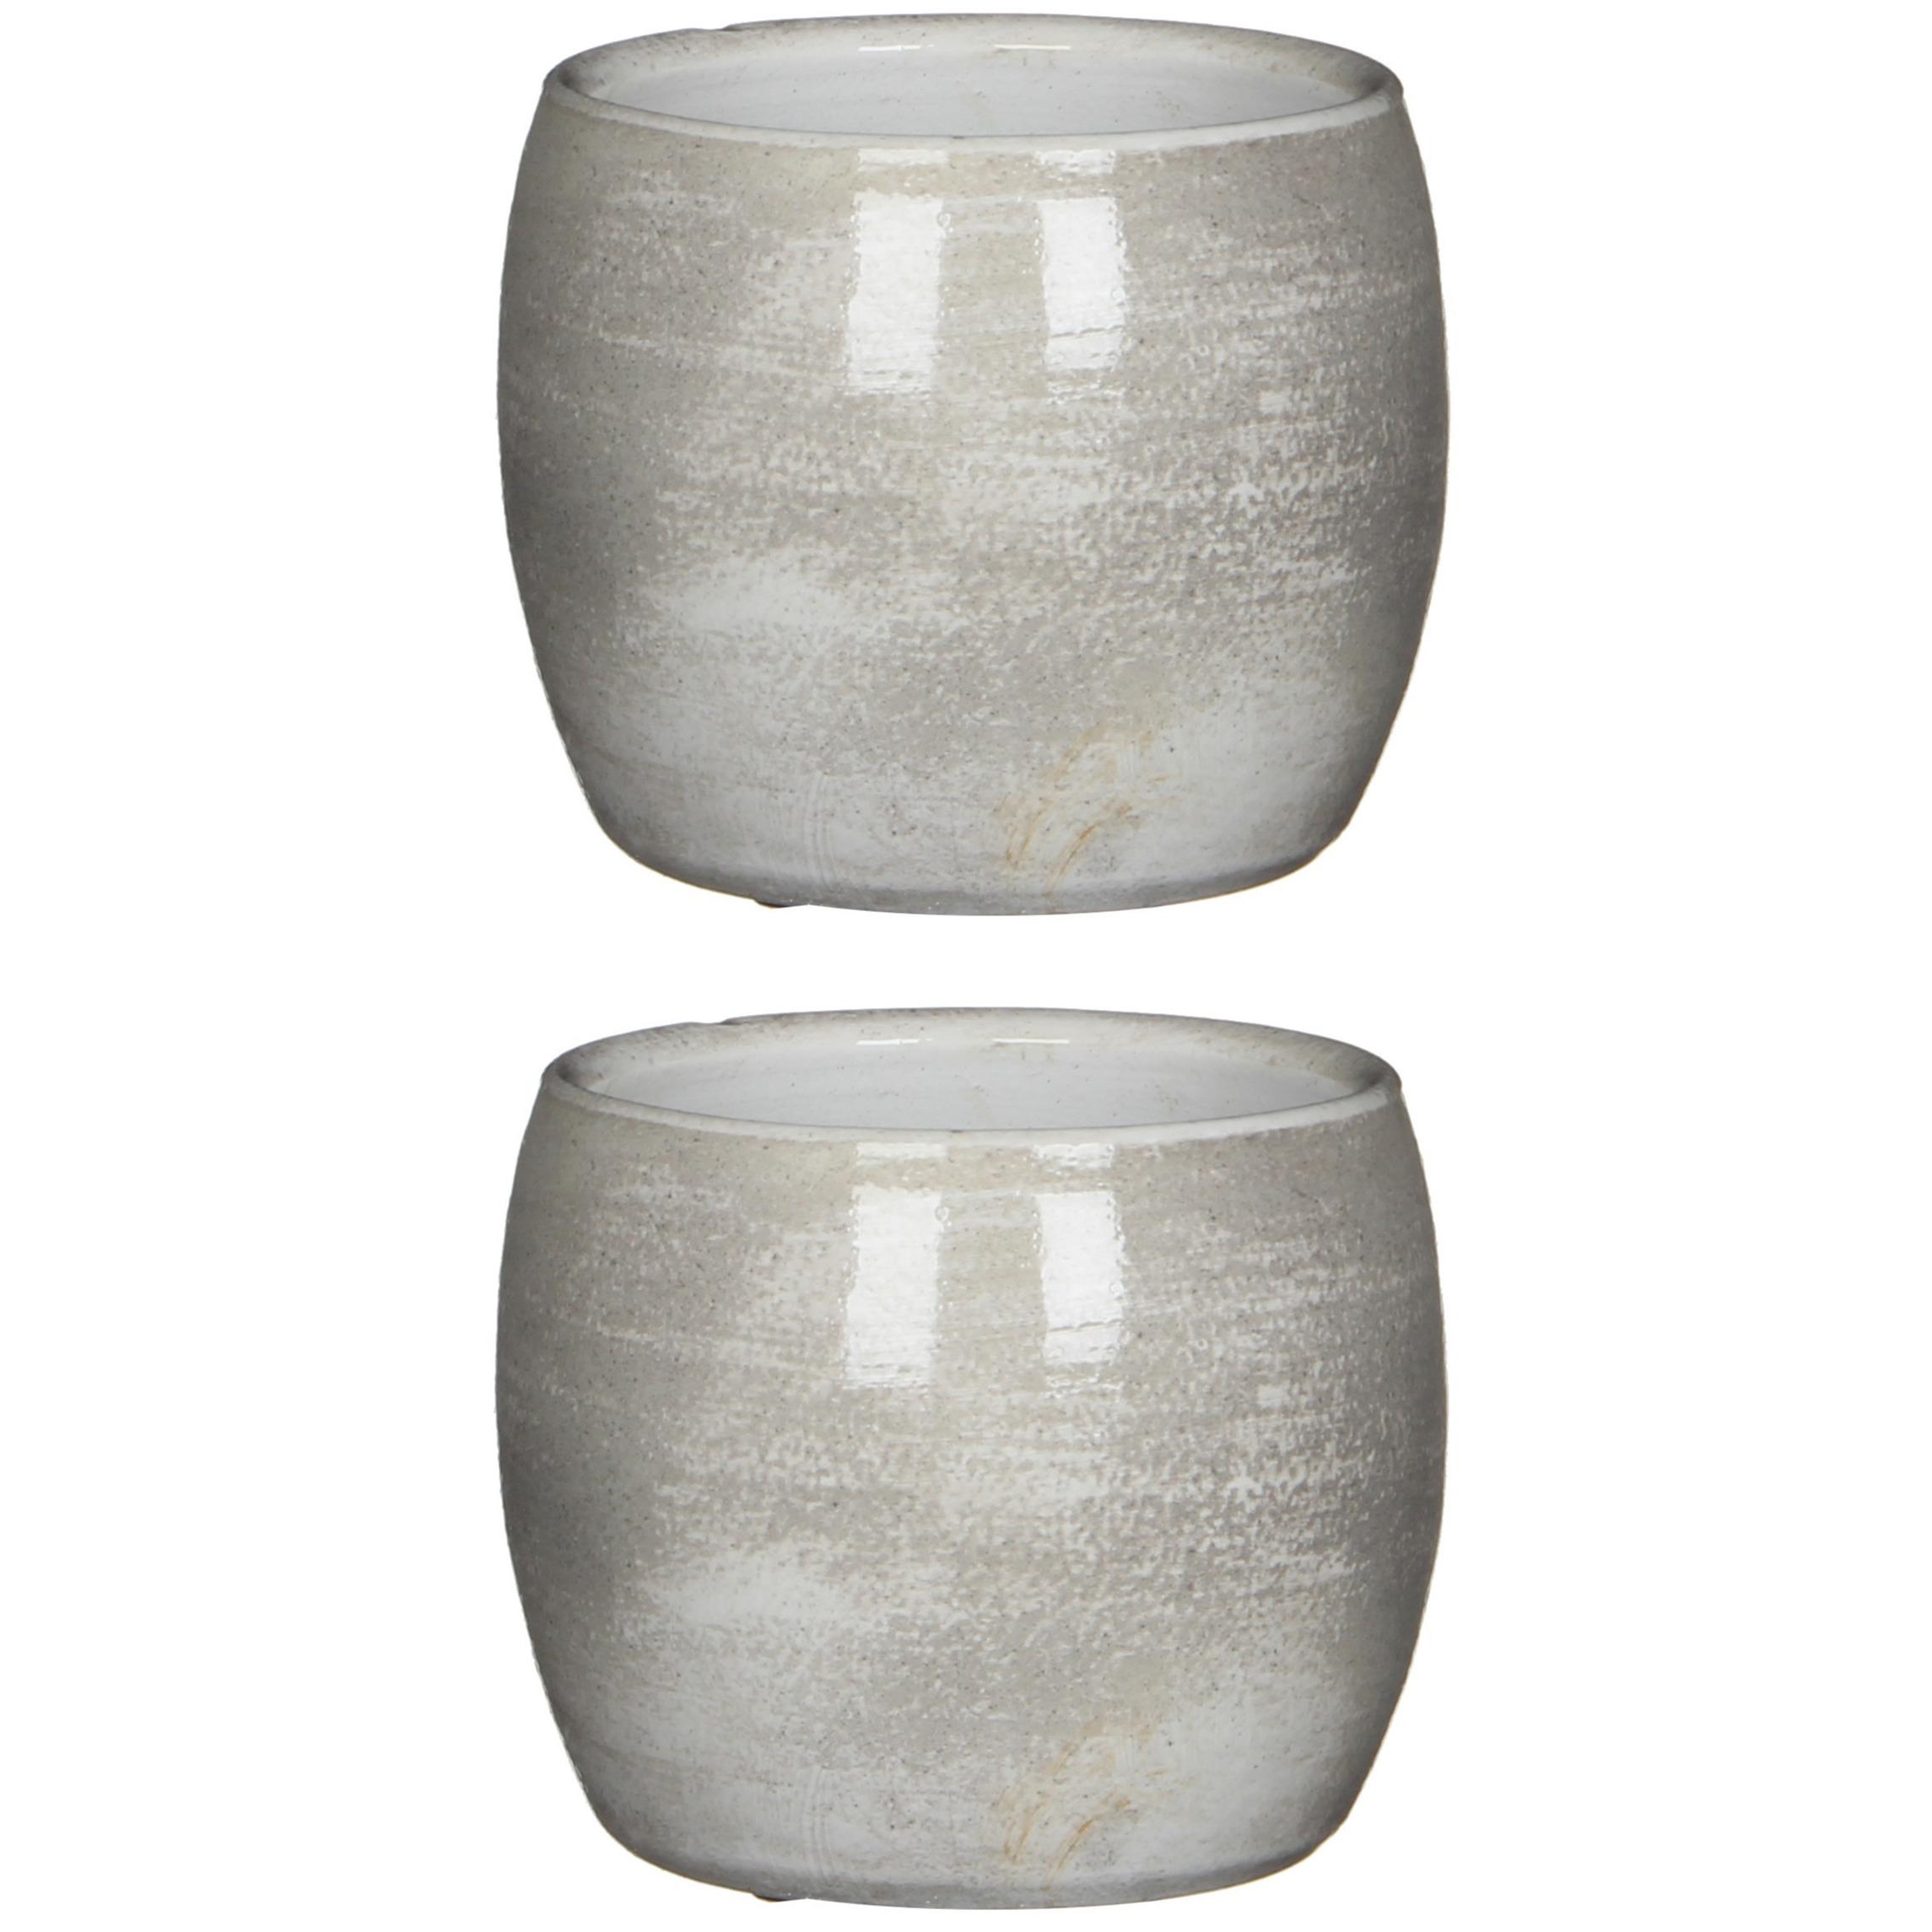 3x stuks bloempot in het shiny lichtgrijs stone keramiek voor kamerplant H12 x D14 cm -